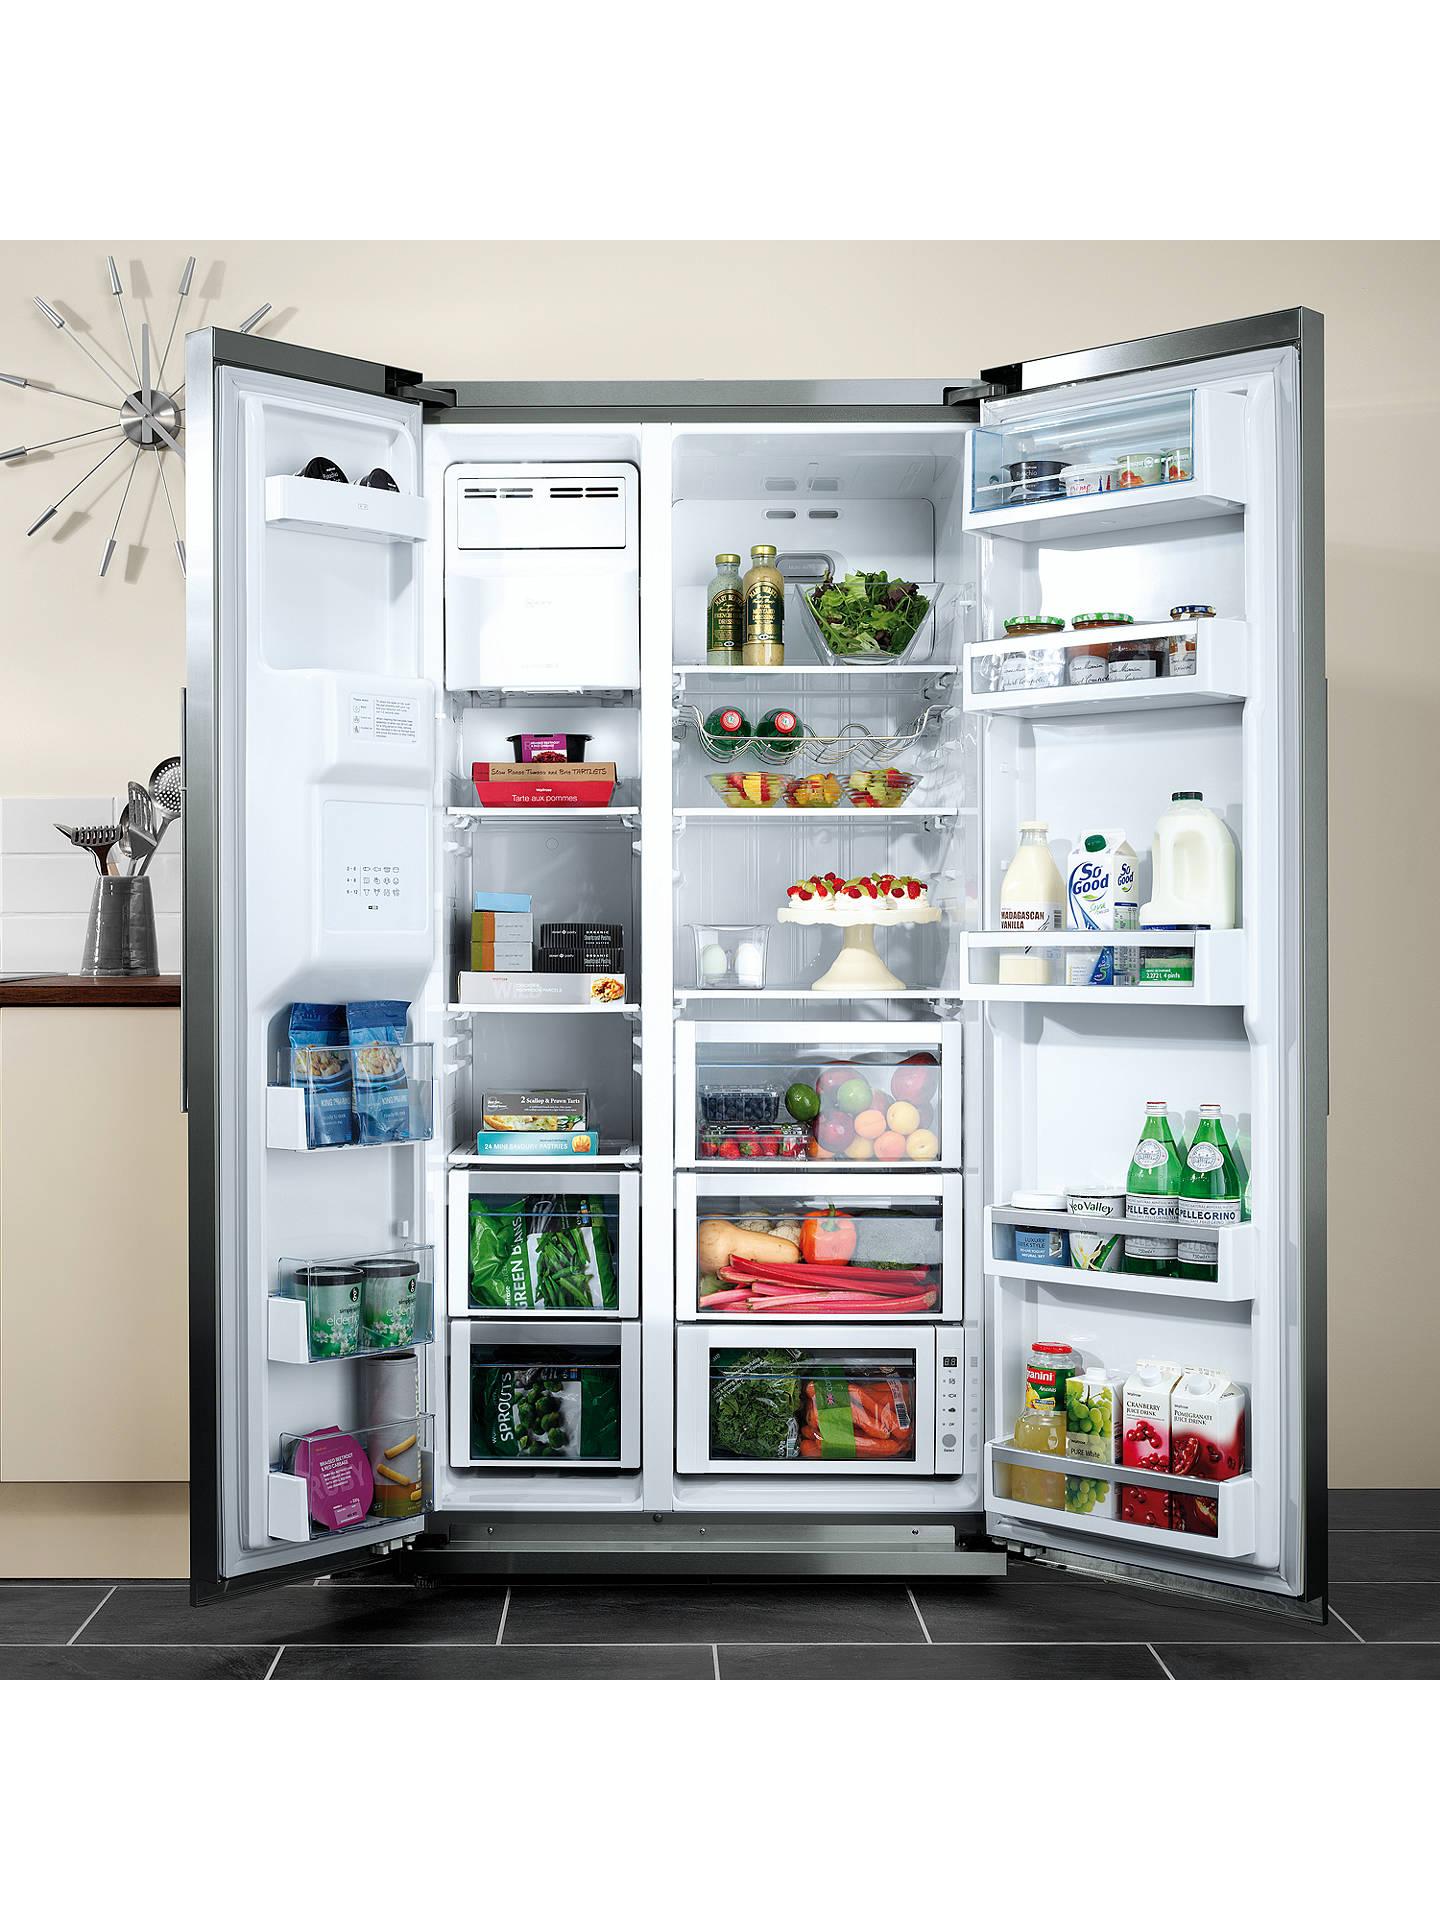 Refrigerateur Frigo Americain Nff